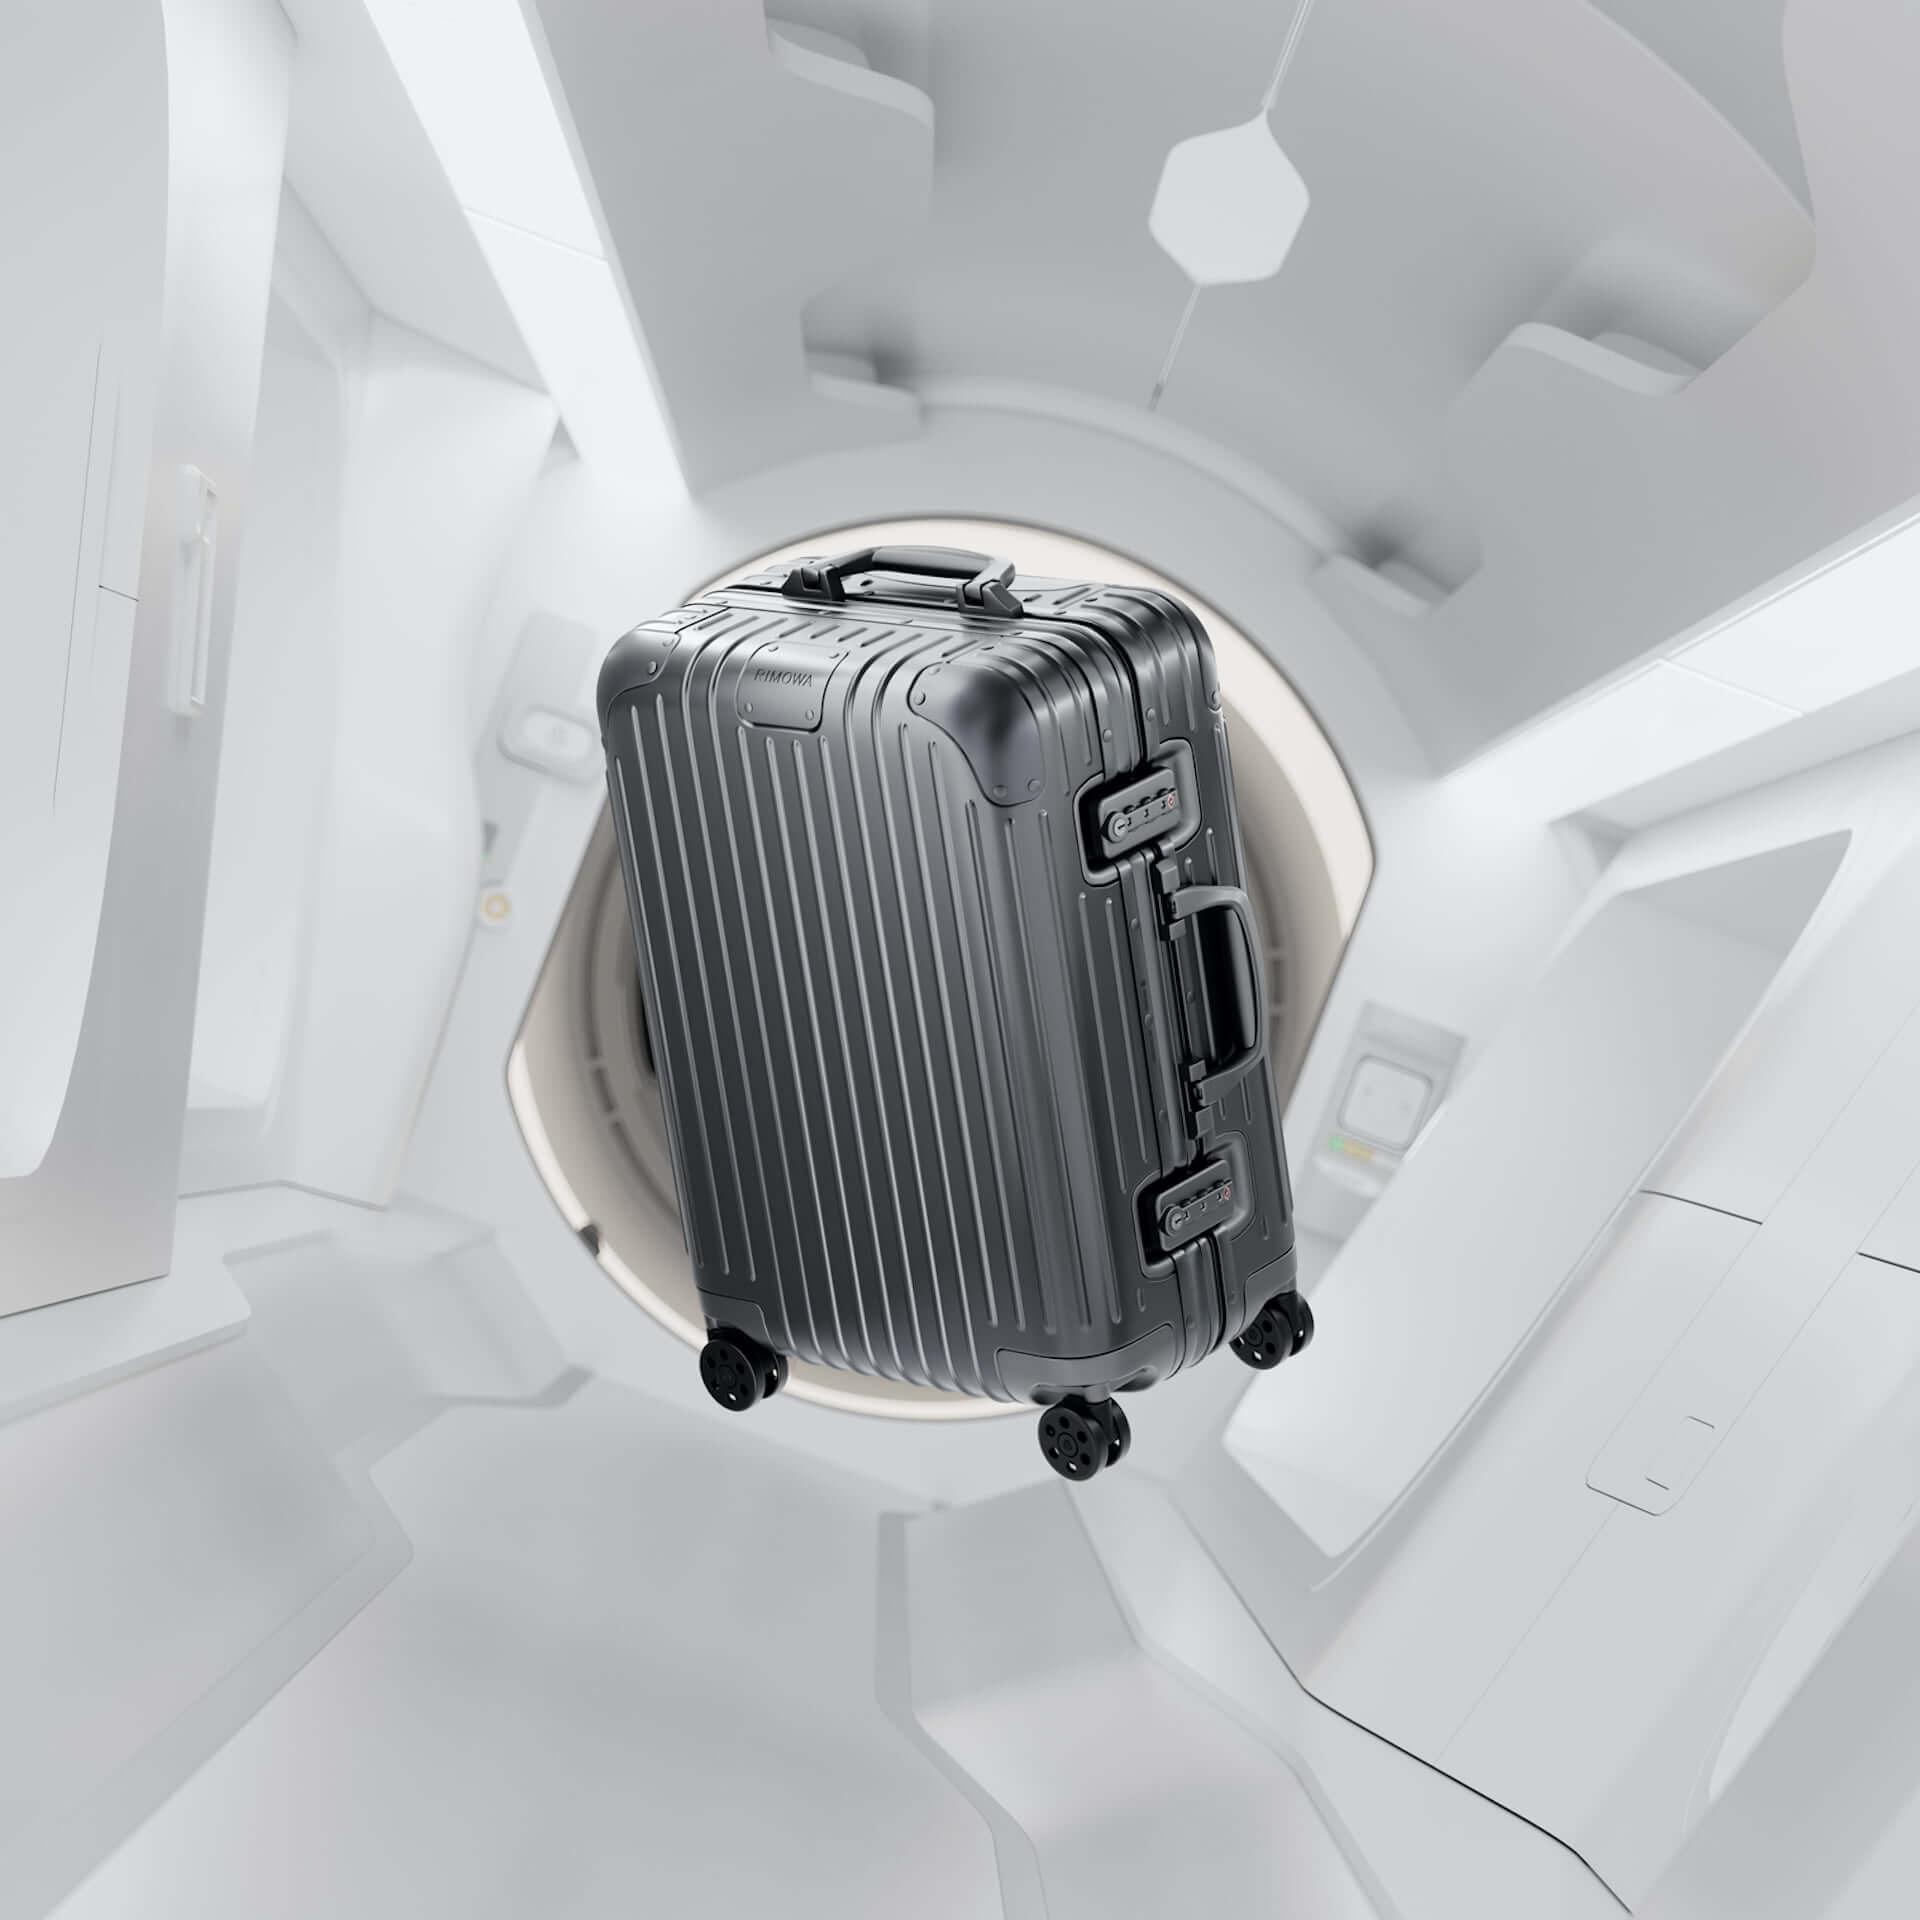 RIMOWAを代表するアルミニウム合金製スーツケースの新色が発売決定!銀河から着想を得たオレンジ、ミディアムグレーが登場 tech210202_rimowa_5-1920x1920